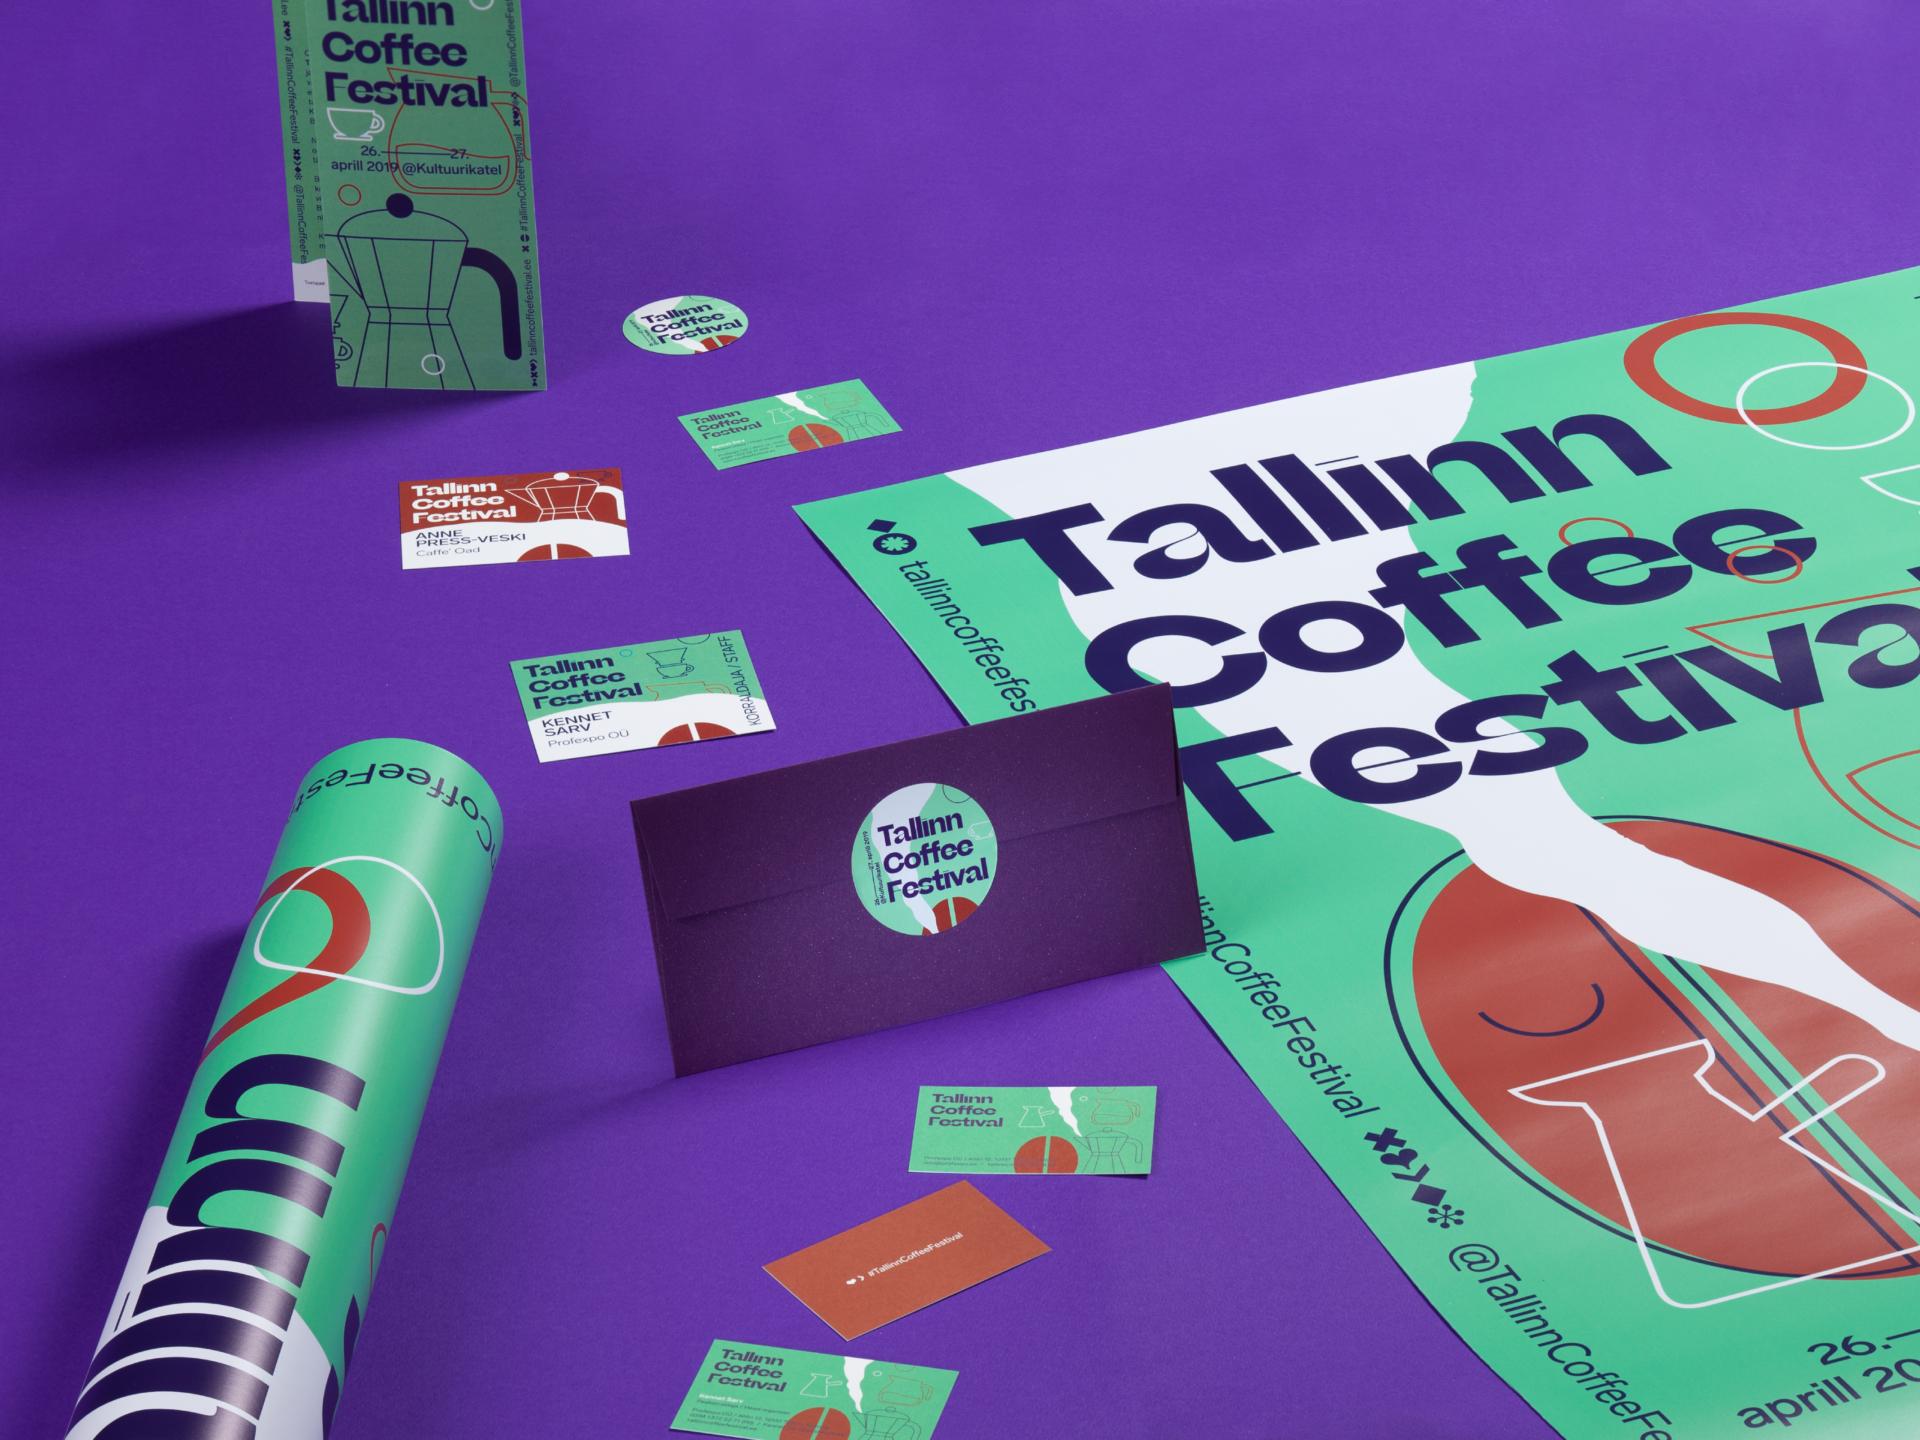 putka Tallinn Coffee Festival 2019